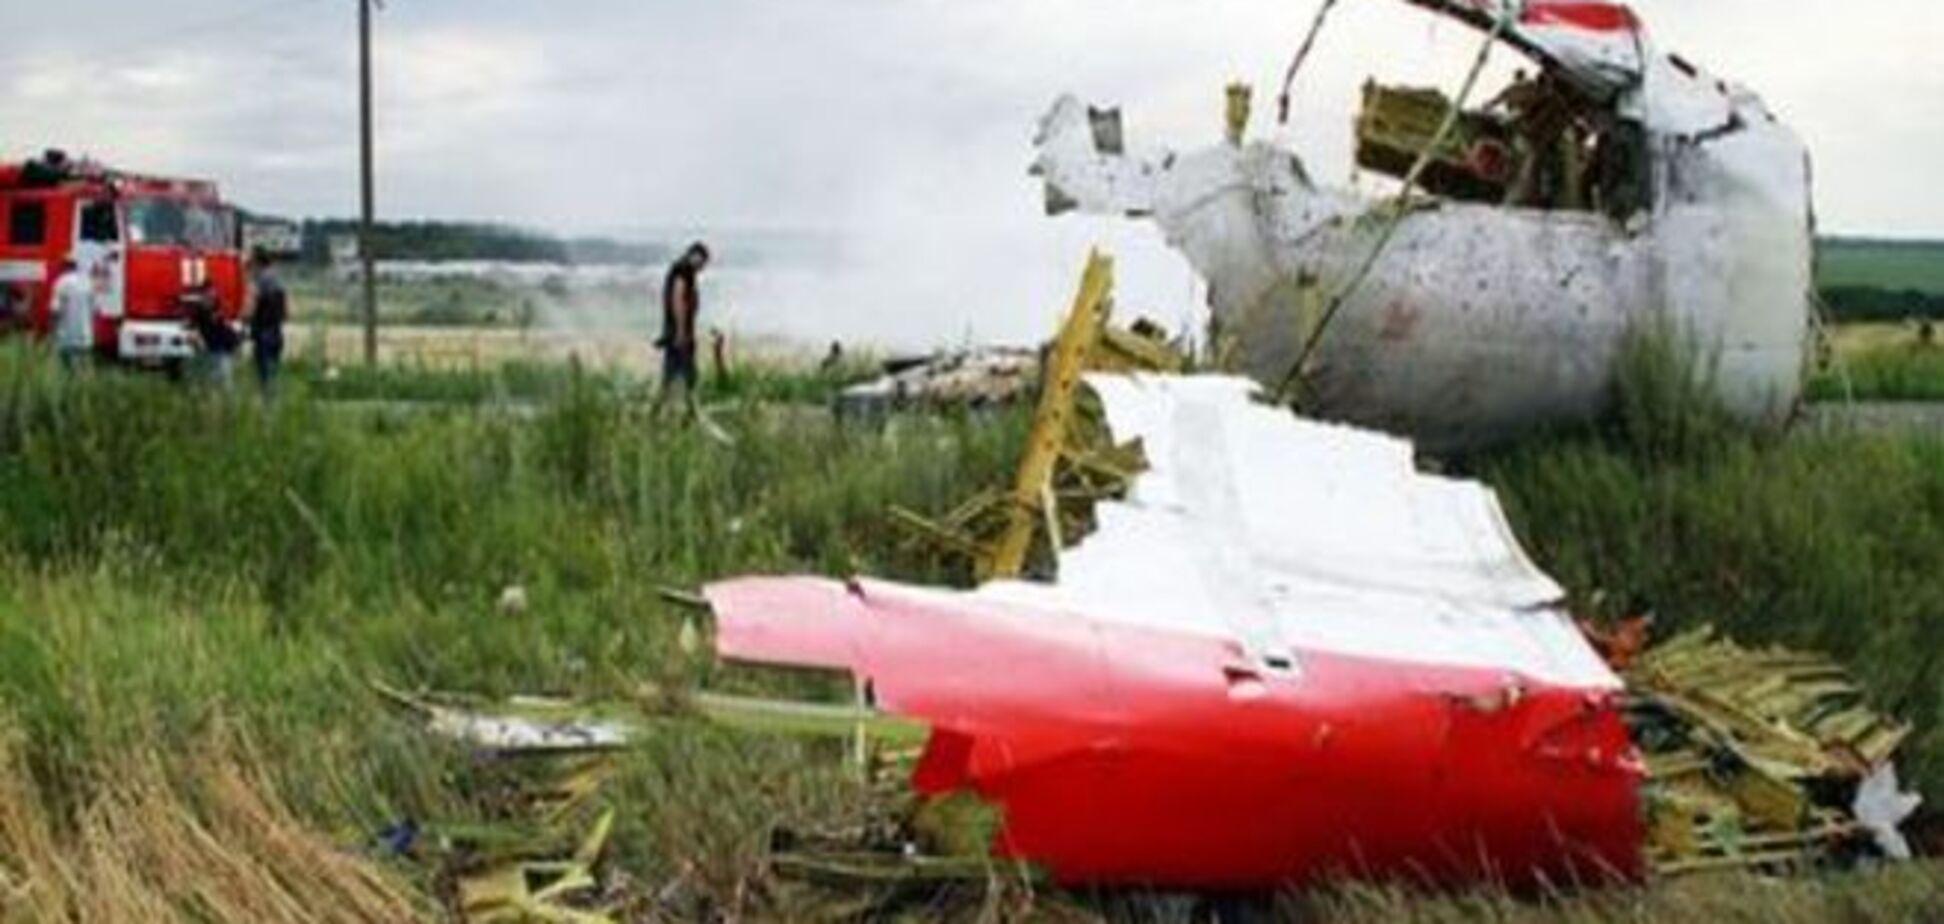 ЗМІ: Нідерландські експерти схиляються до версії збиття MH17 сепаратистами